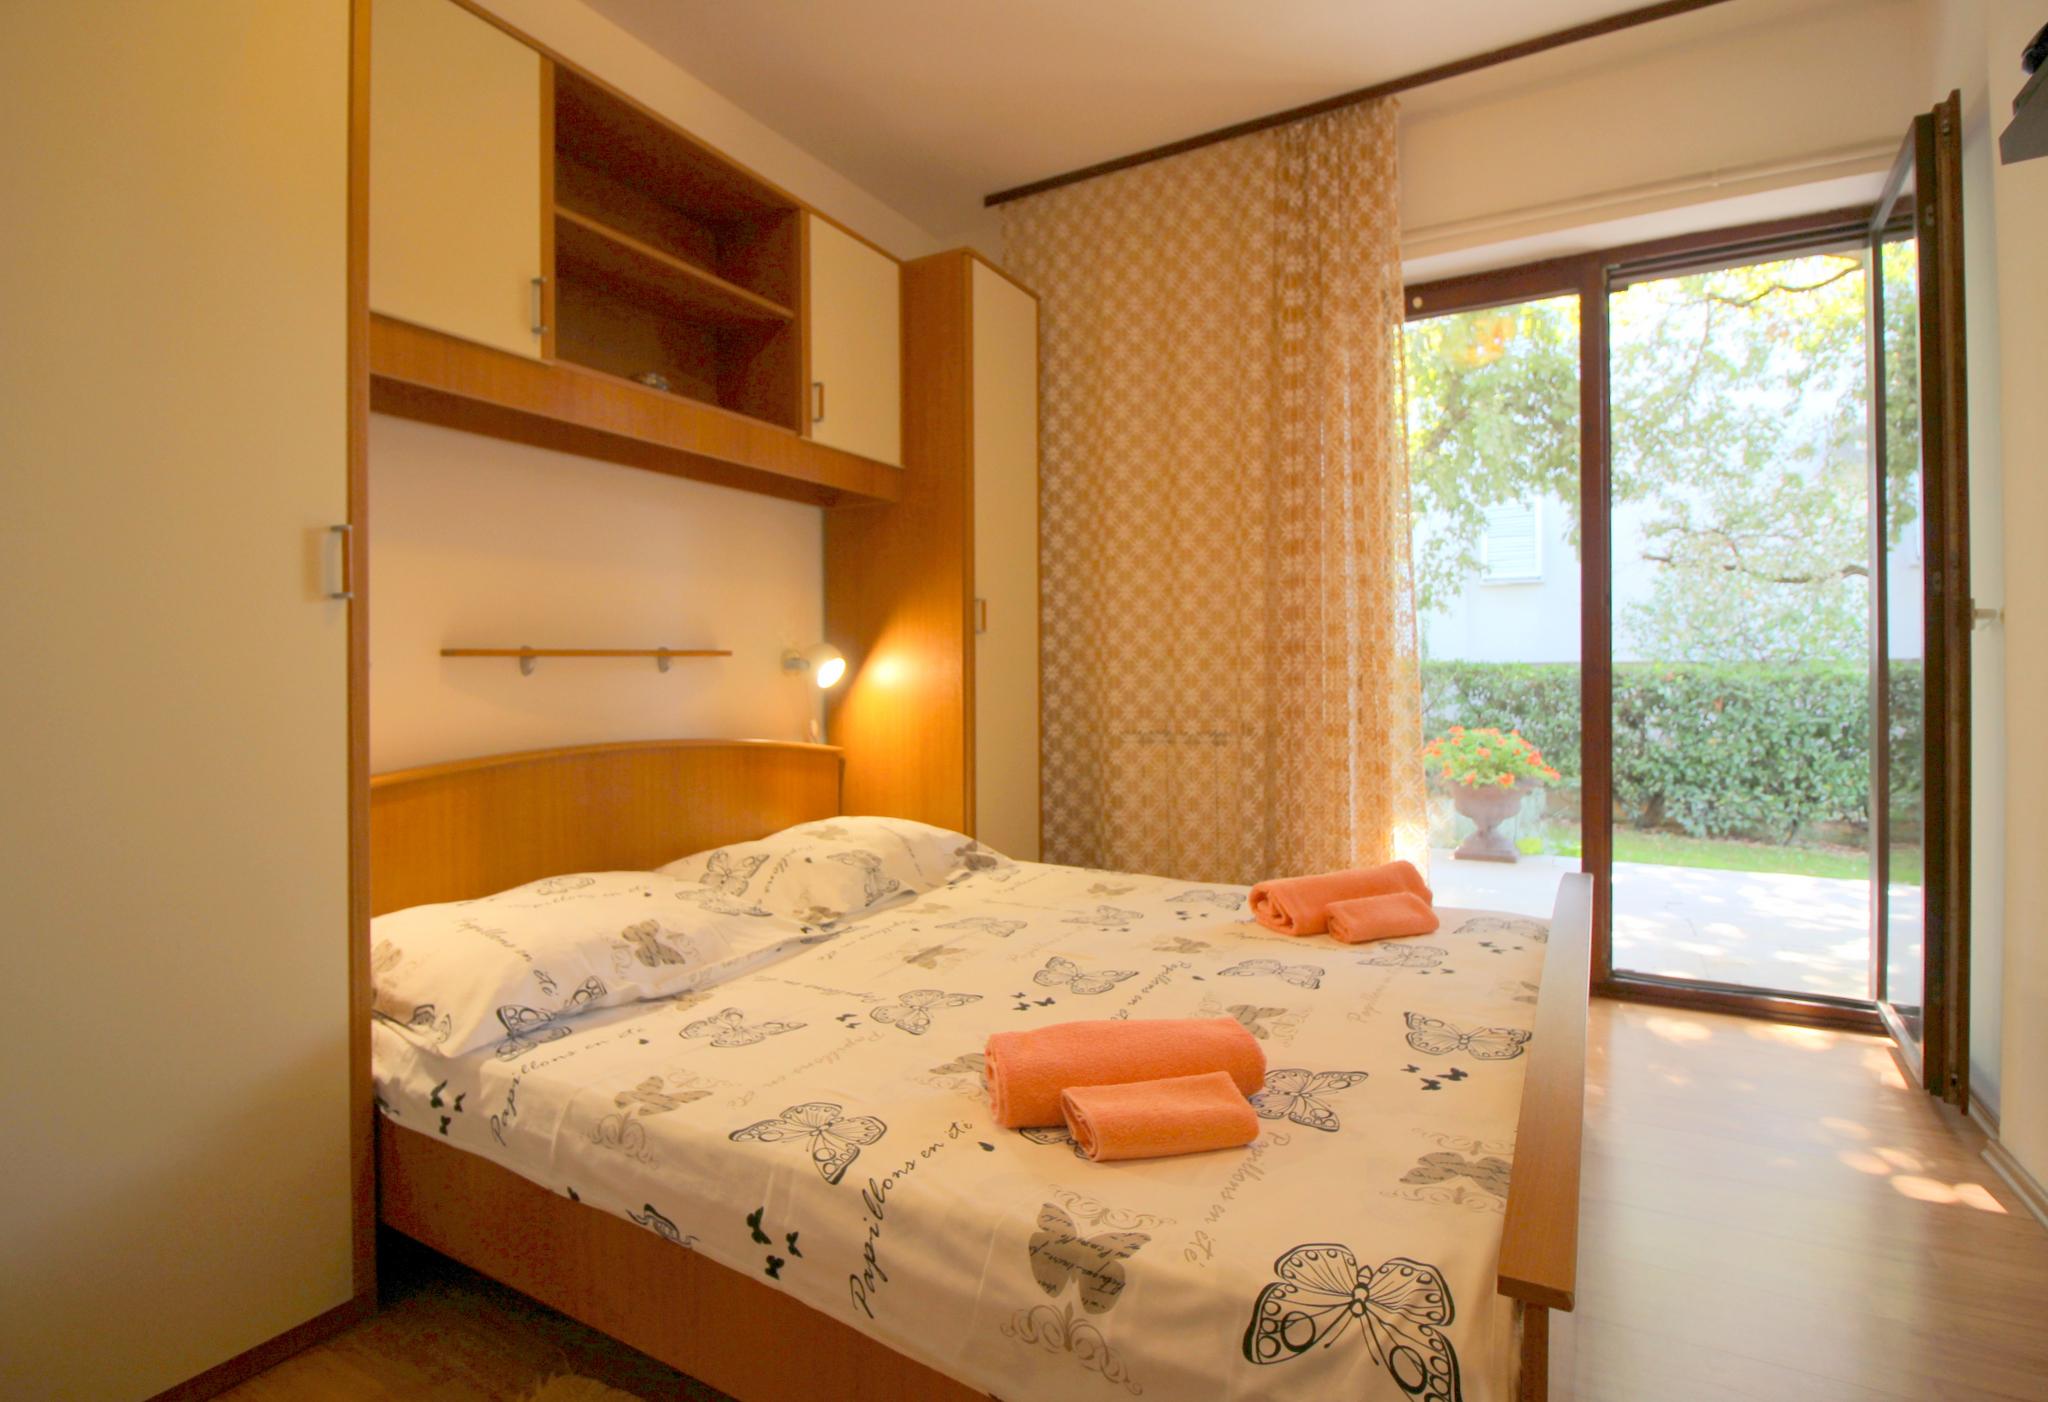 Ferienwohnung in ruhige Lage und 400 m zum Strand (280321), Porec, , Istrien, Kroatien, Bild 13